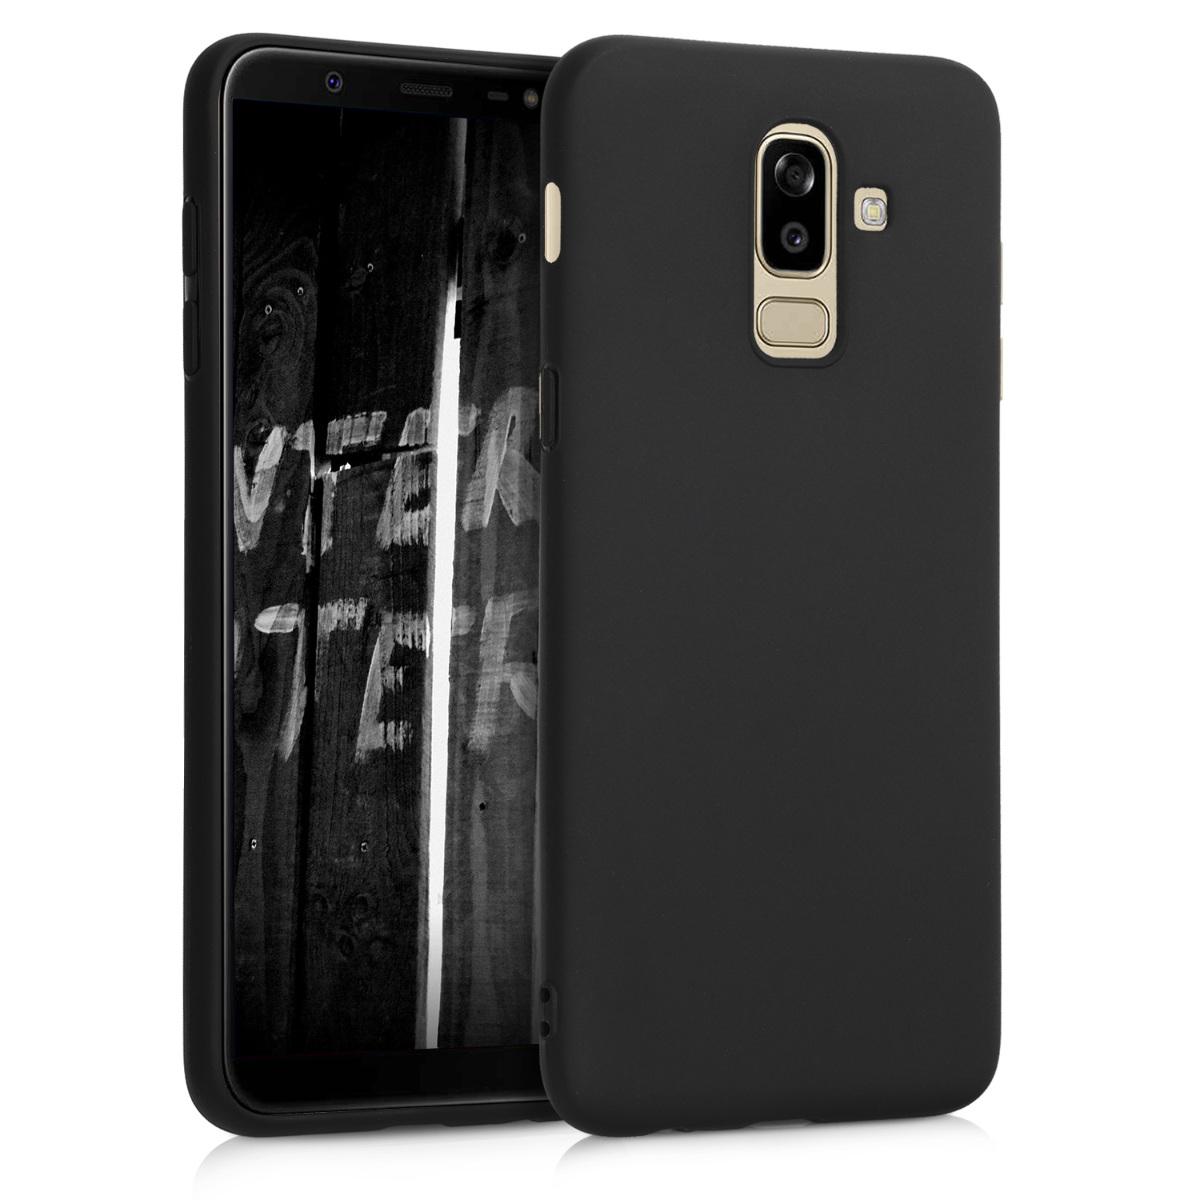 Kvalitní silikonové TPU pouzdro pro Samsung J8 | On8 - černé matné